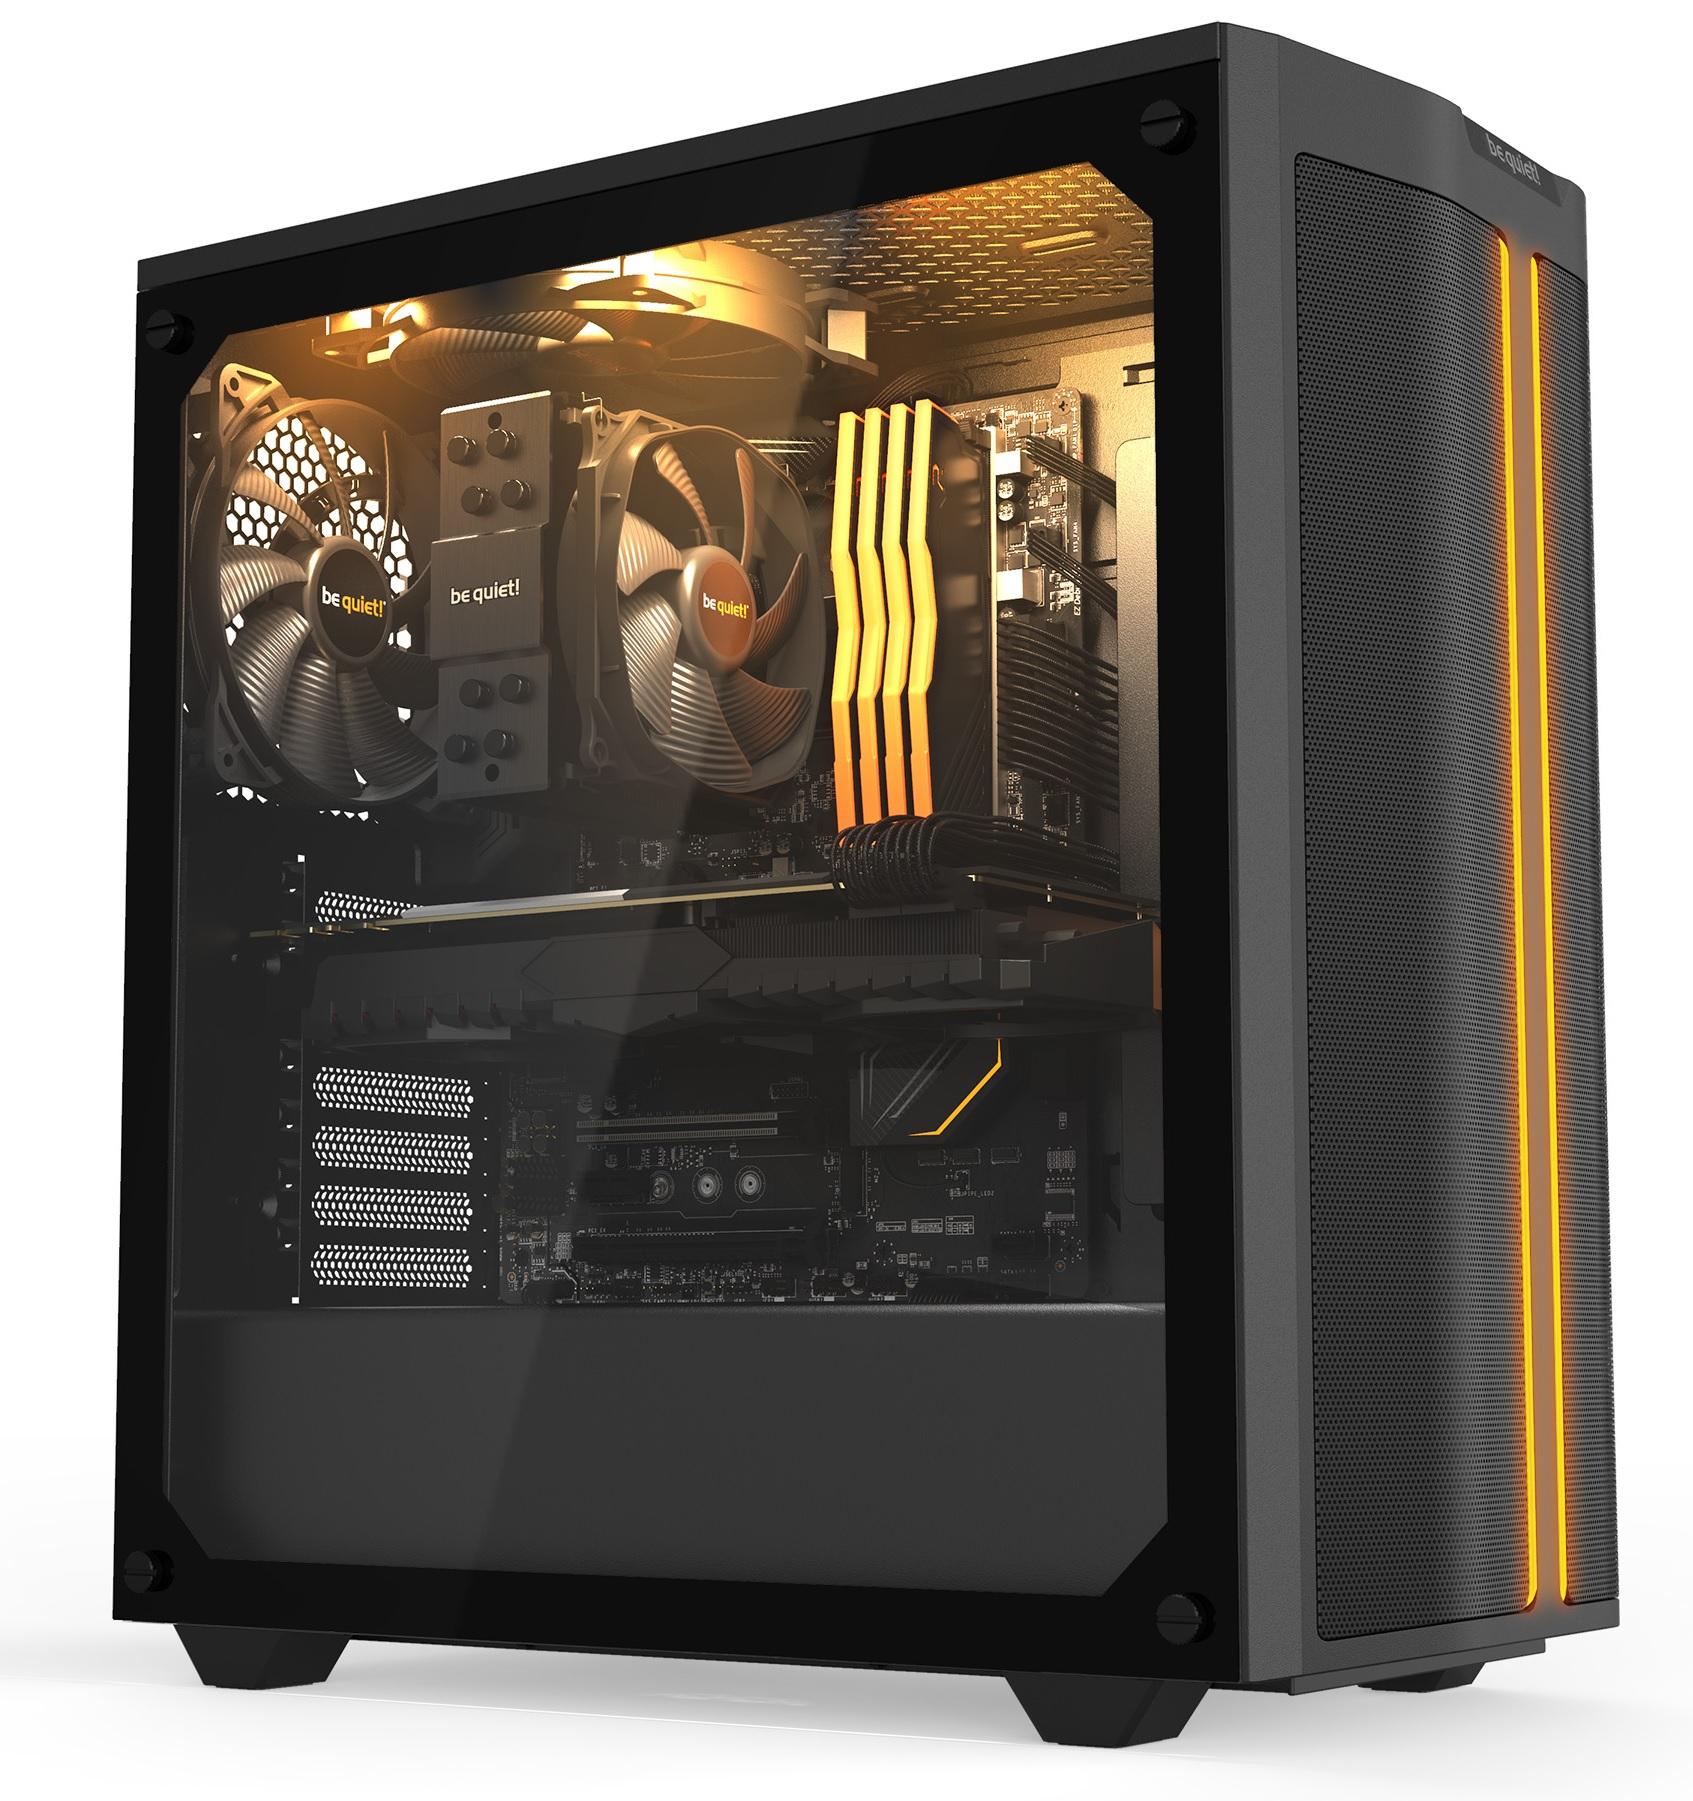 PC fixe gamer - Ryzen 9 5900X, RX6900XT RED Devil (16G), 1To NVME SSD, 16Go RAM (3600 MHz), MSI X570 Gaming plus, Alim Corsair Rm850x Gold